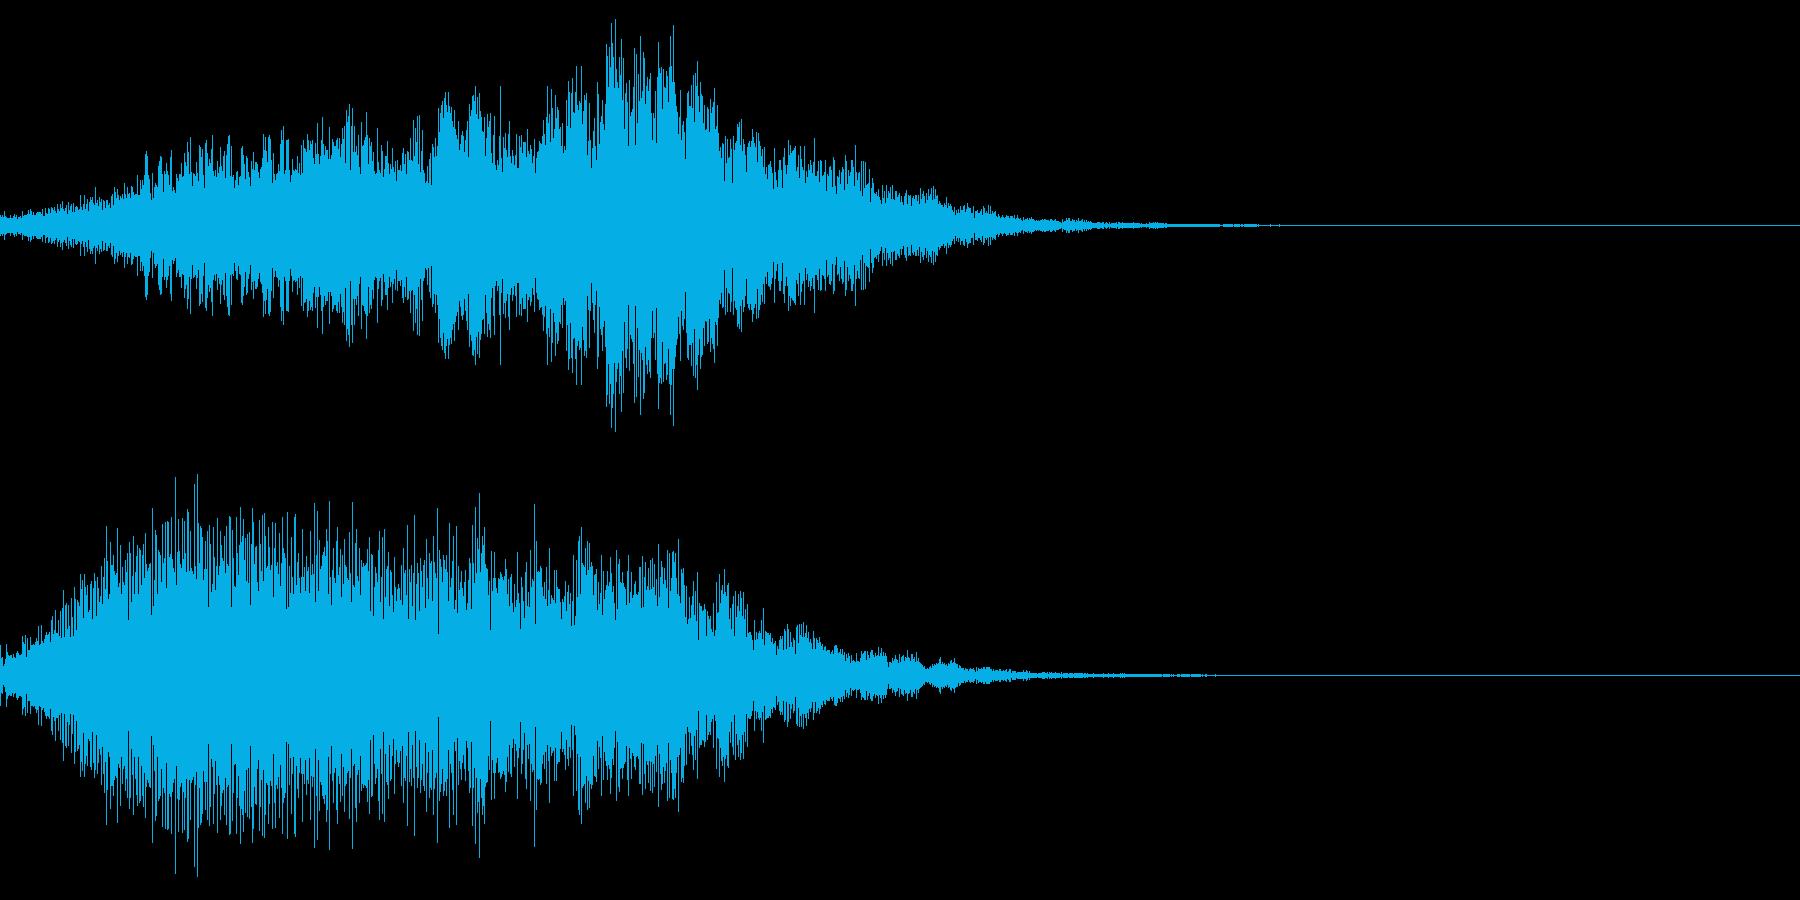 環境音を含んだ綺麗なオープニングの再生済みの波形